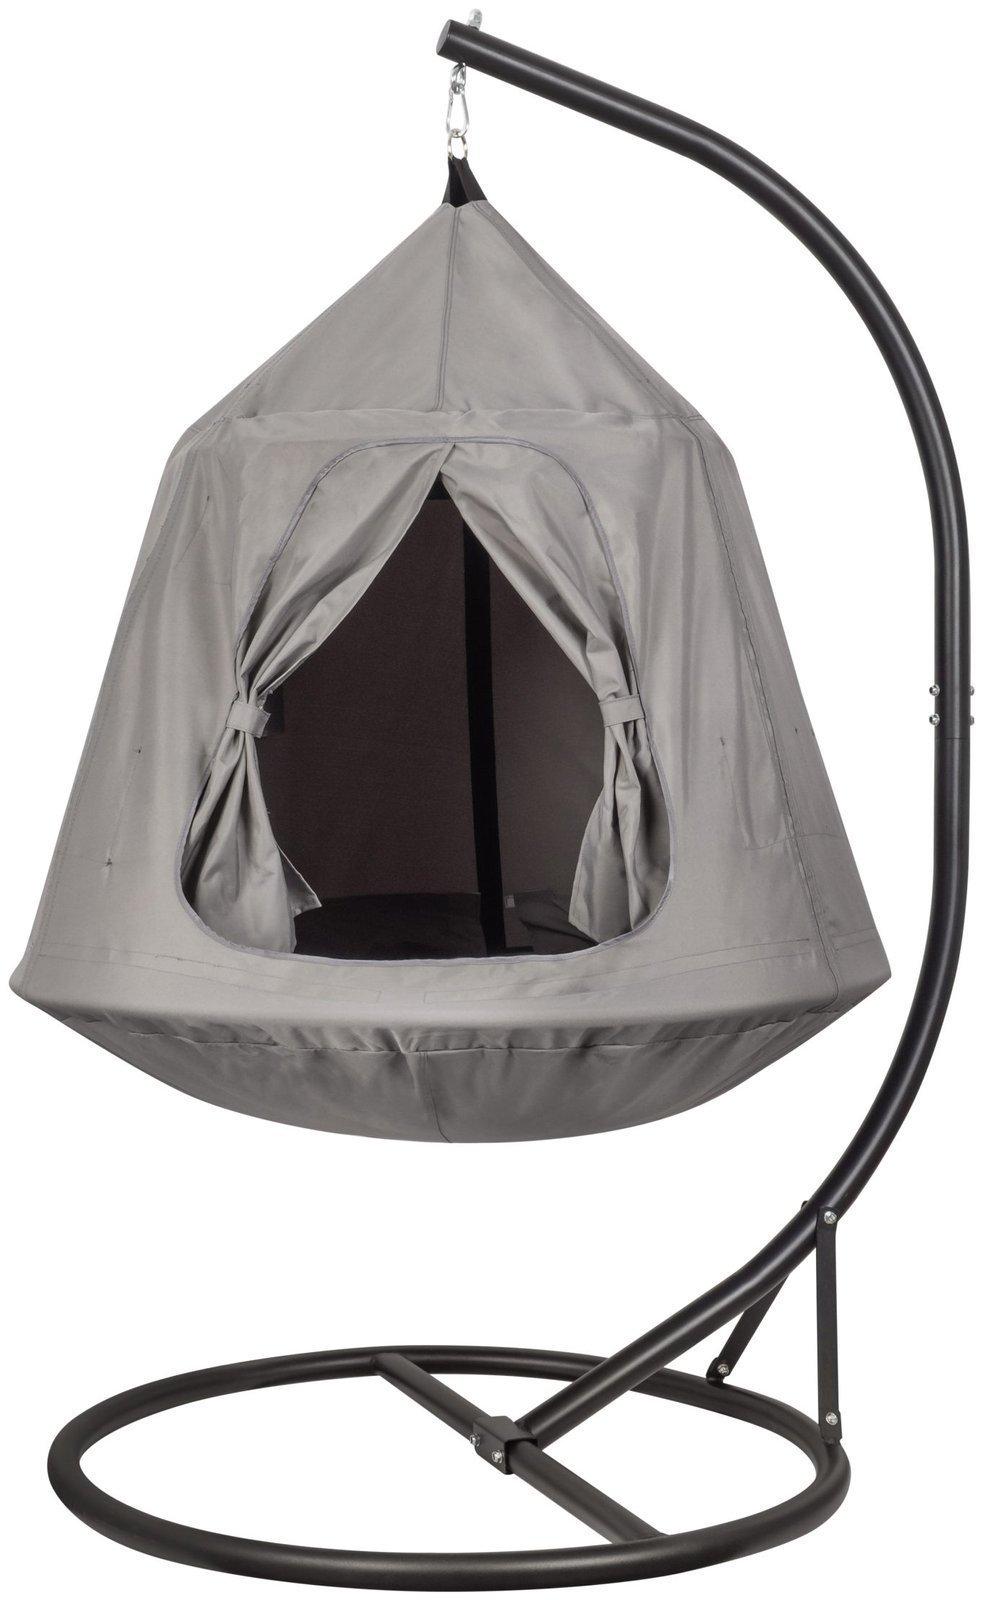 Błogi bujak - wiszący namiot dla dzieci i młodzieży - huśtawka, hamak do domu i ogrodu